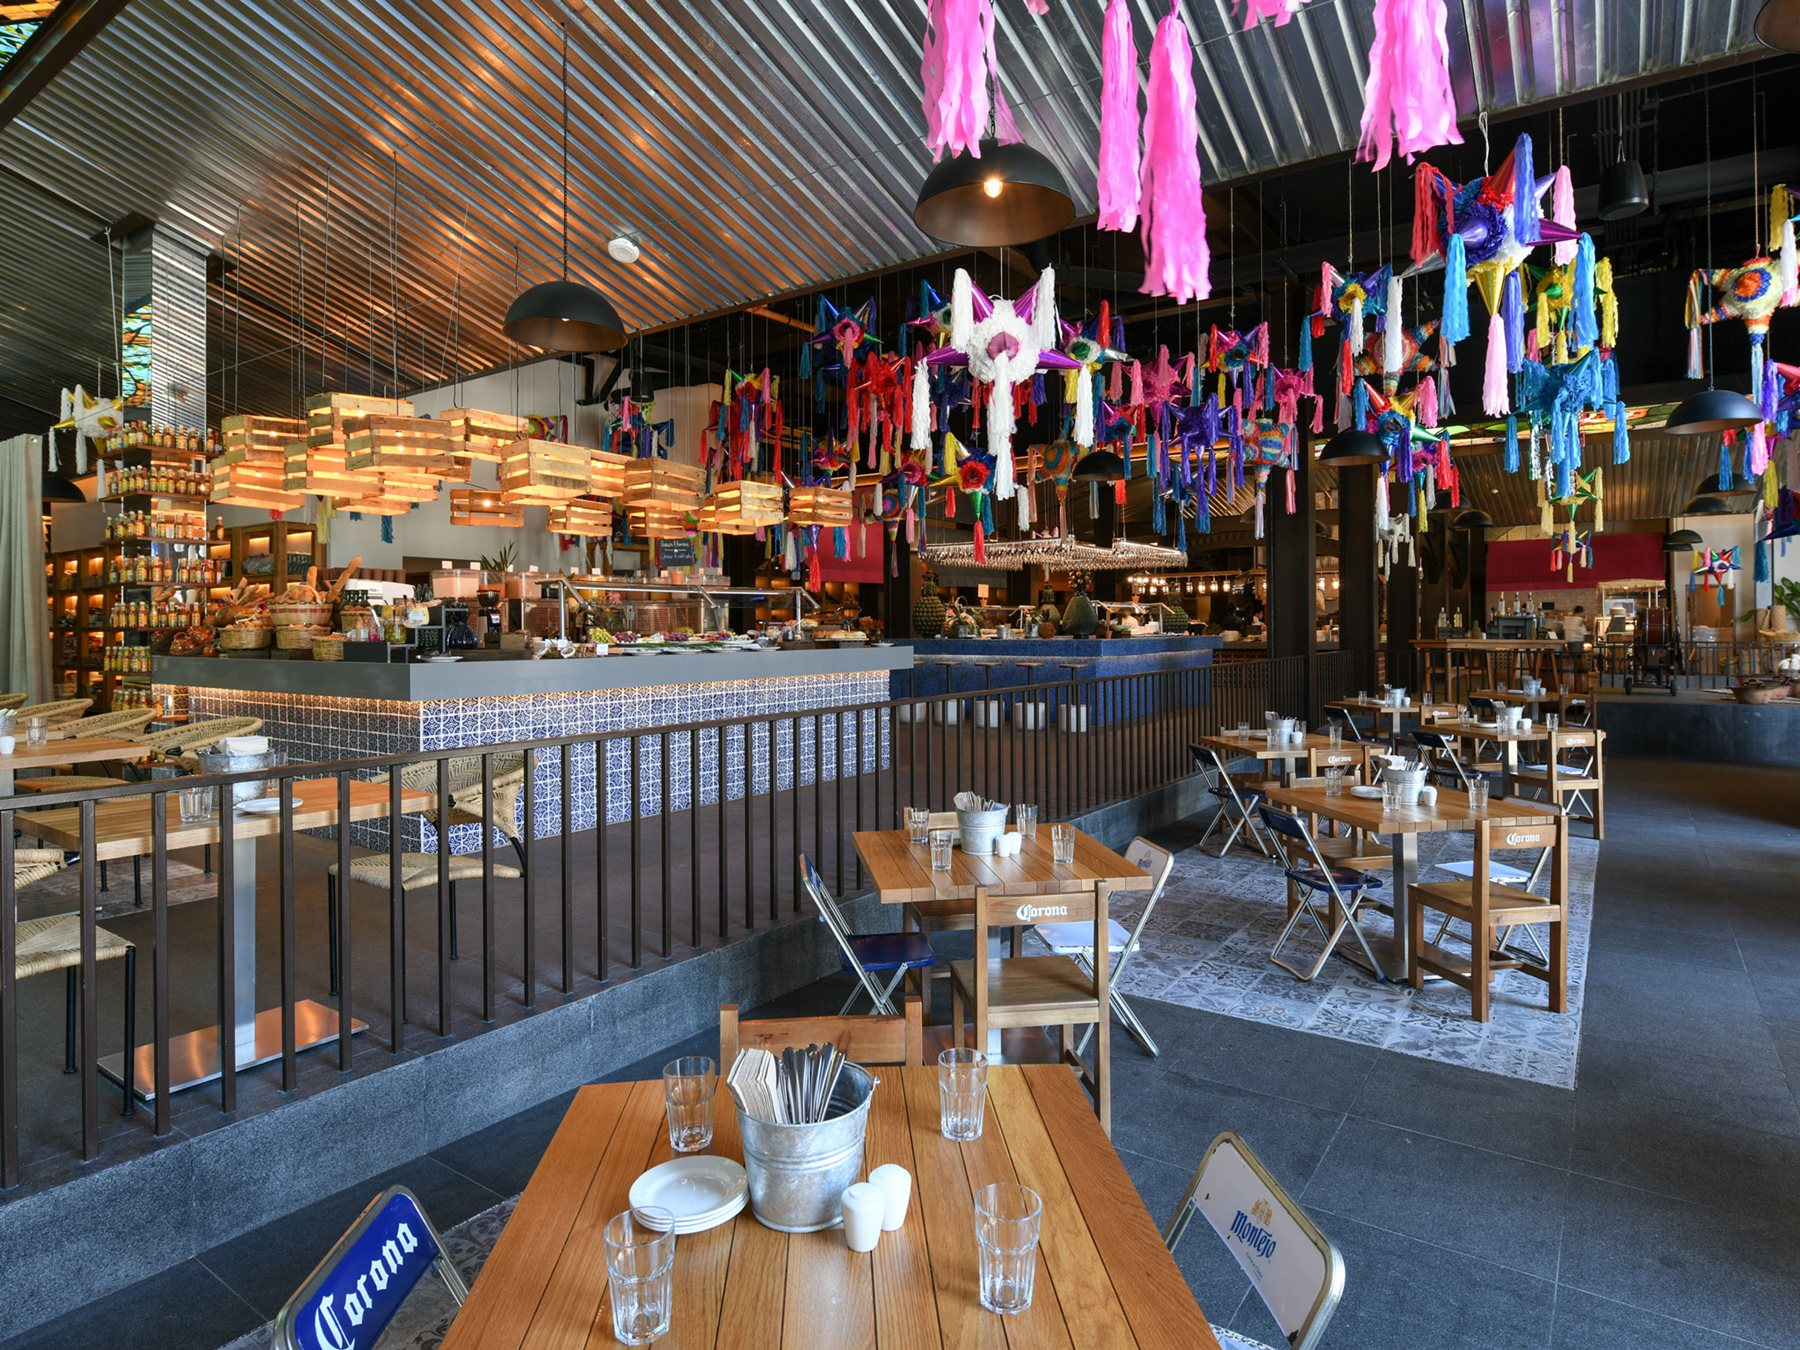 RIV-xcaret-mexico-el-mercado-restaurant